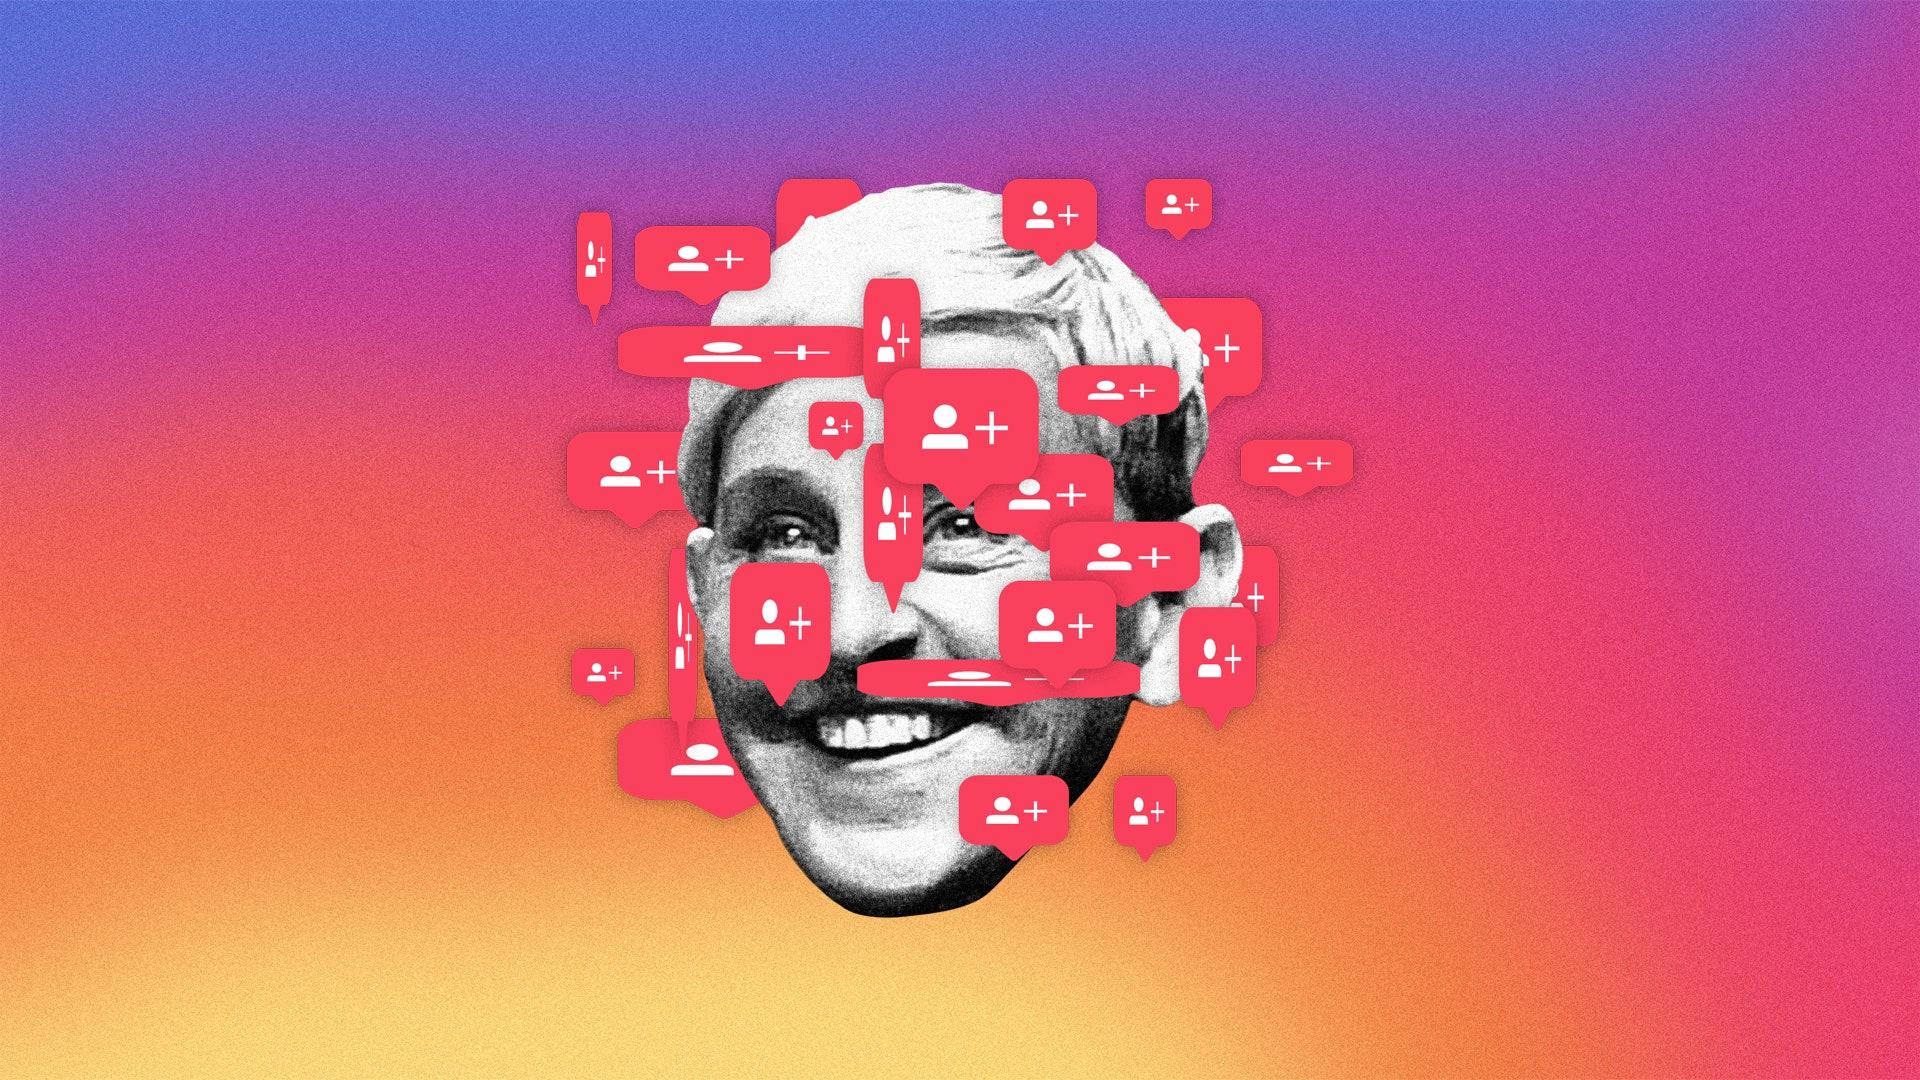 kupowanie obserwujących na Instagramie